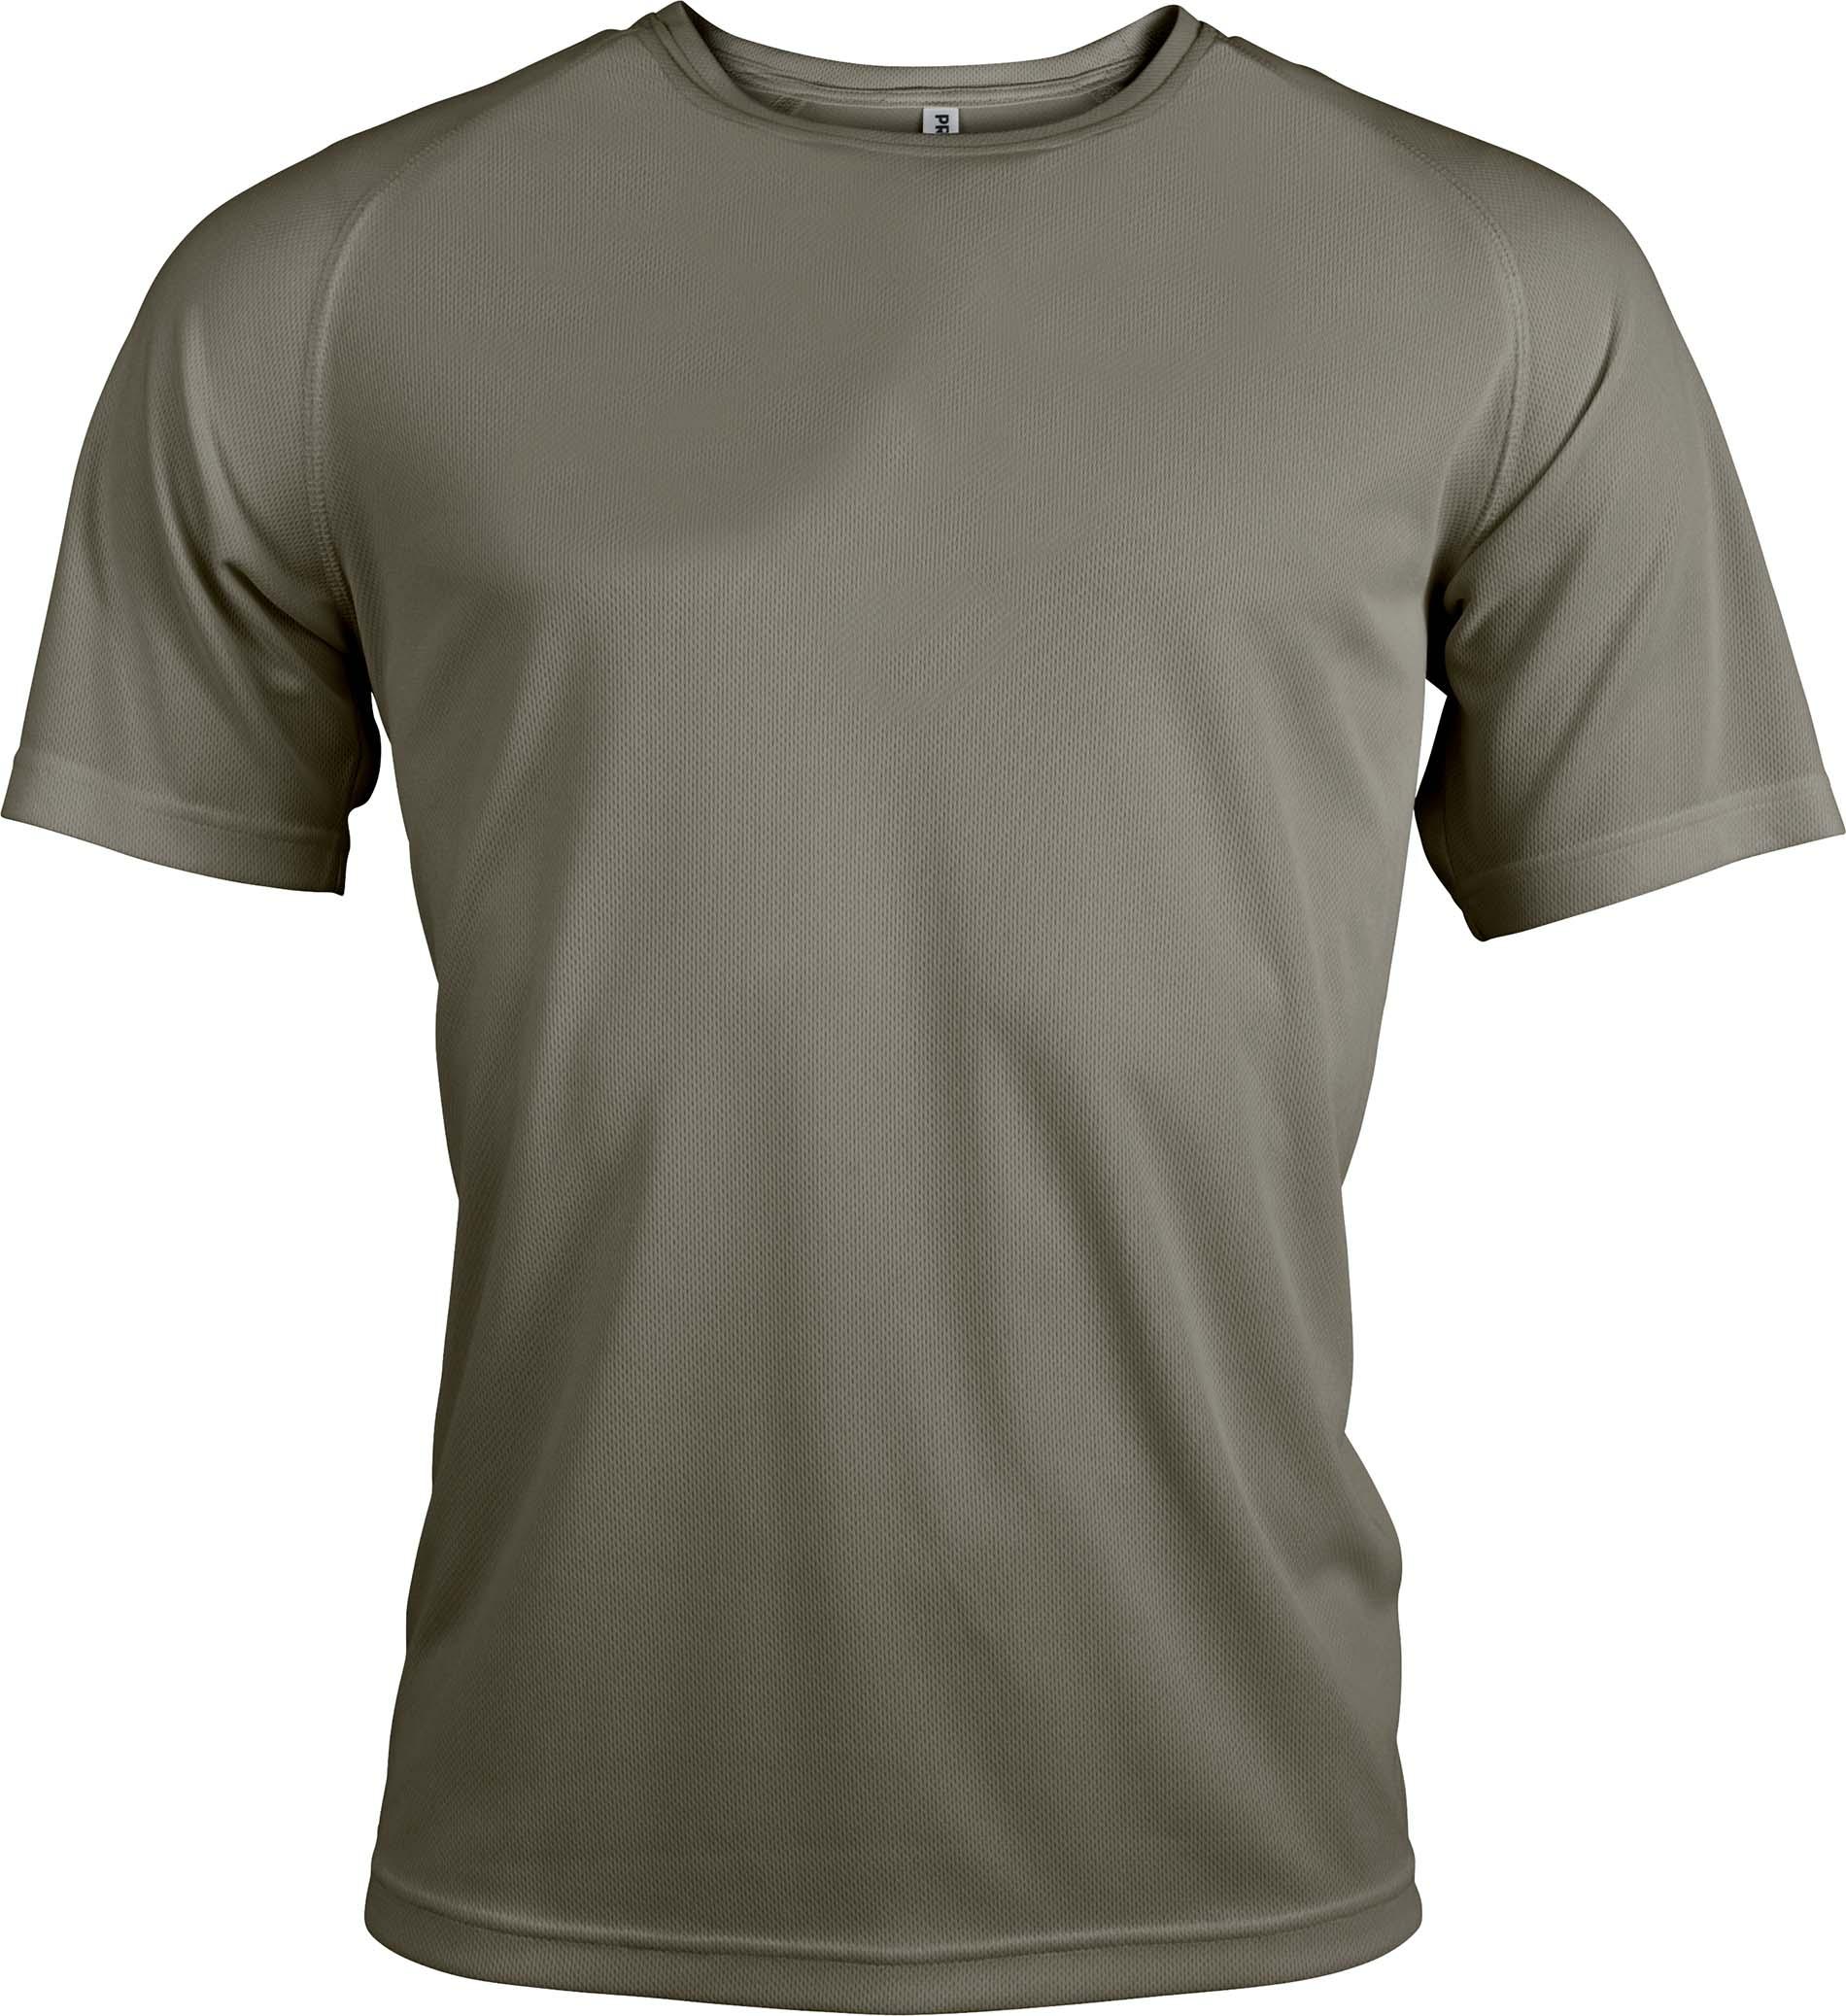 Miesten tekninen T-paita PA438 Oliivi